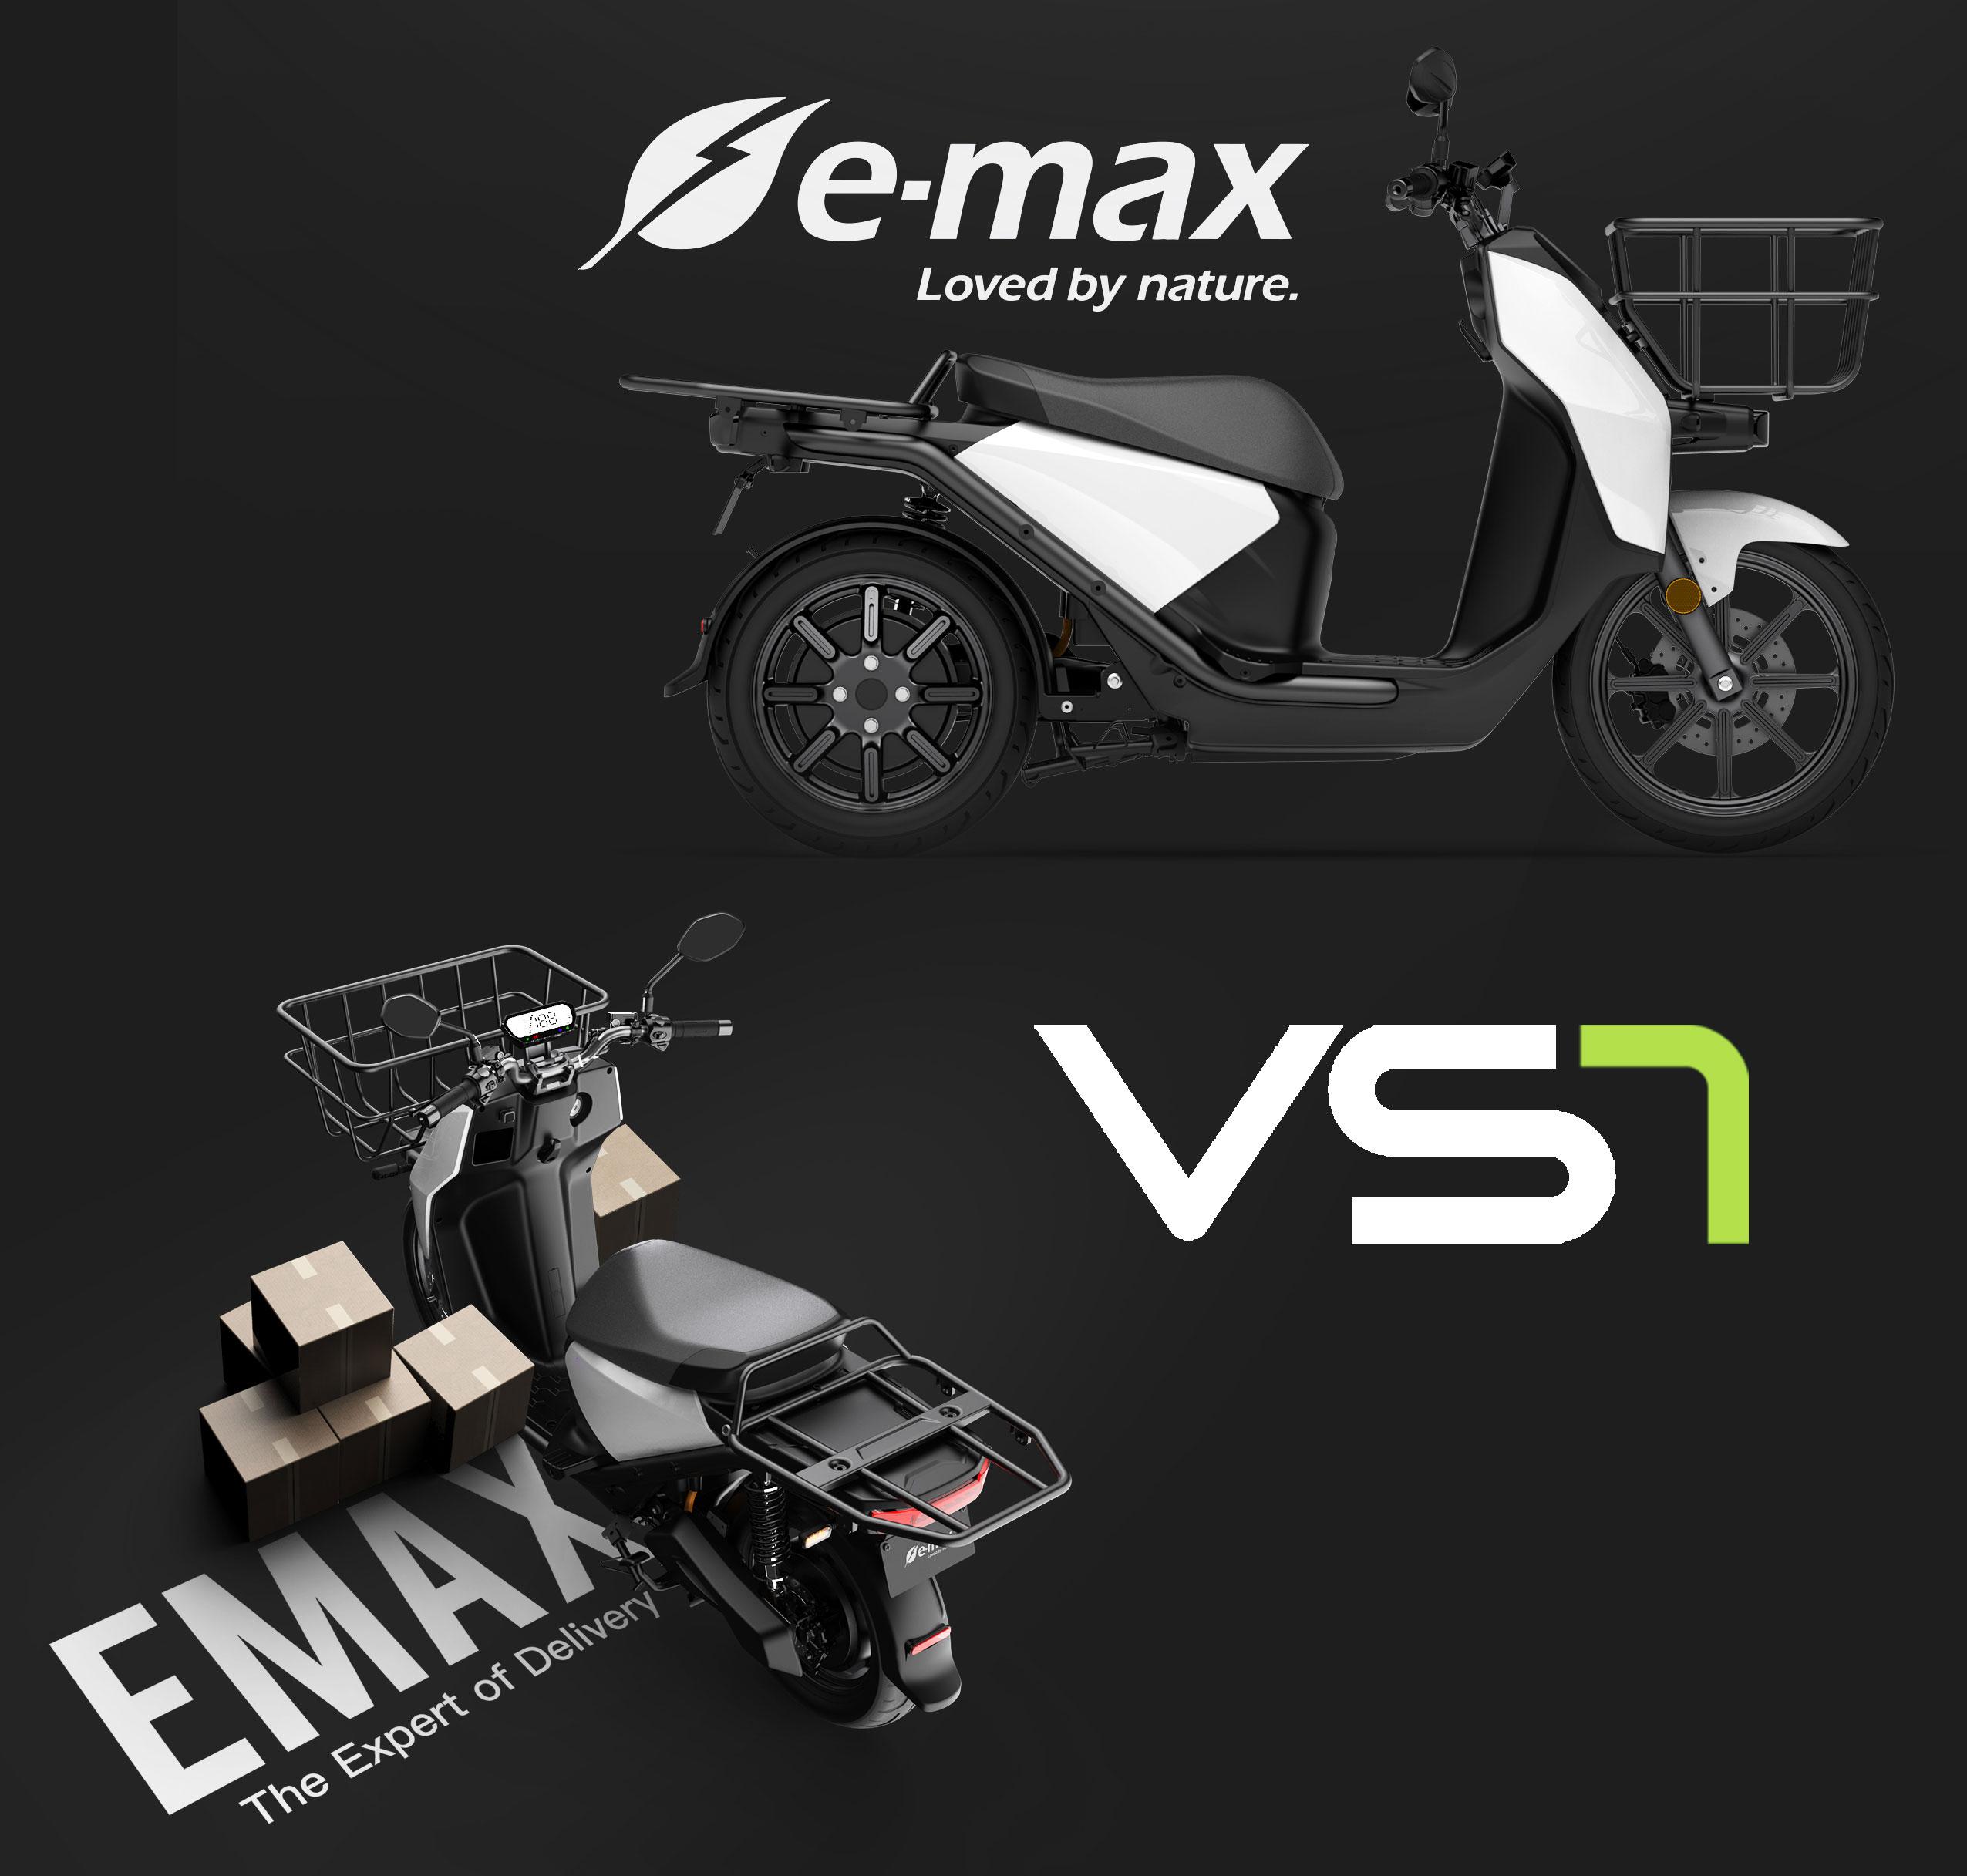 VS1-small